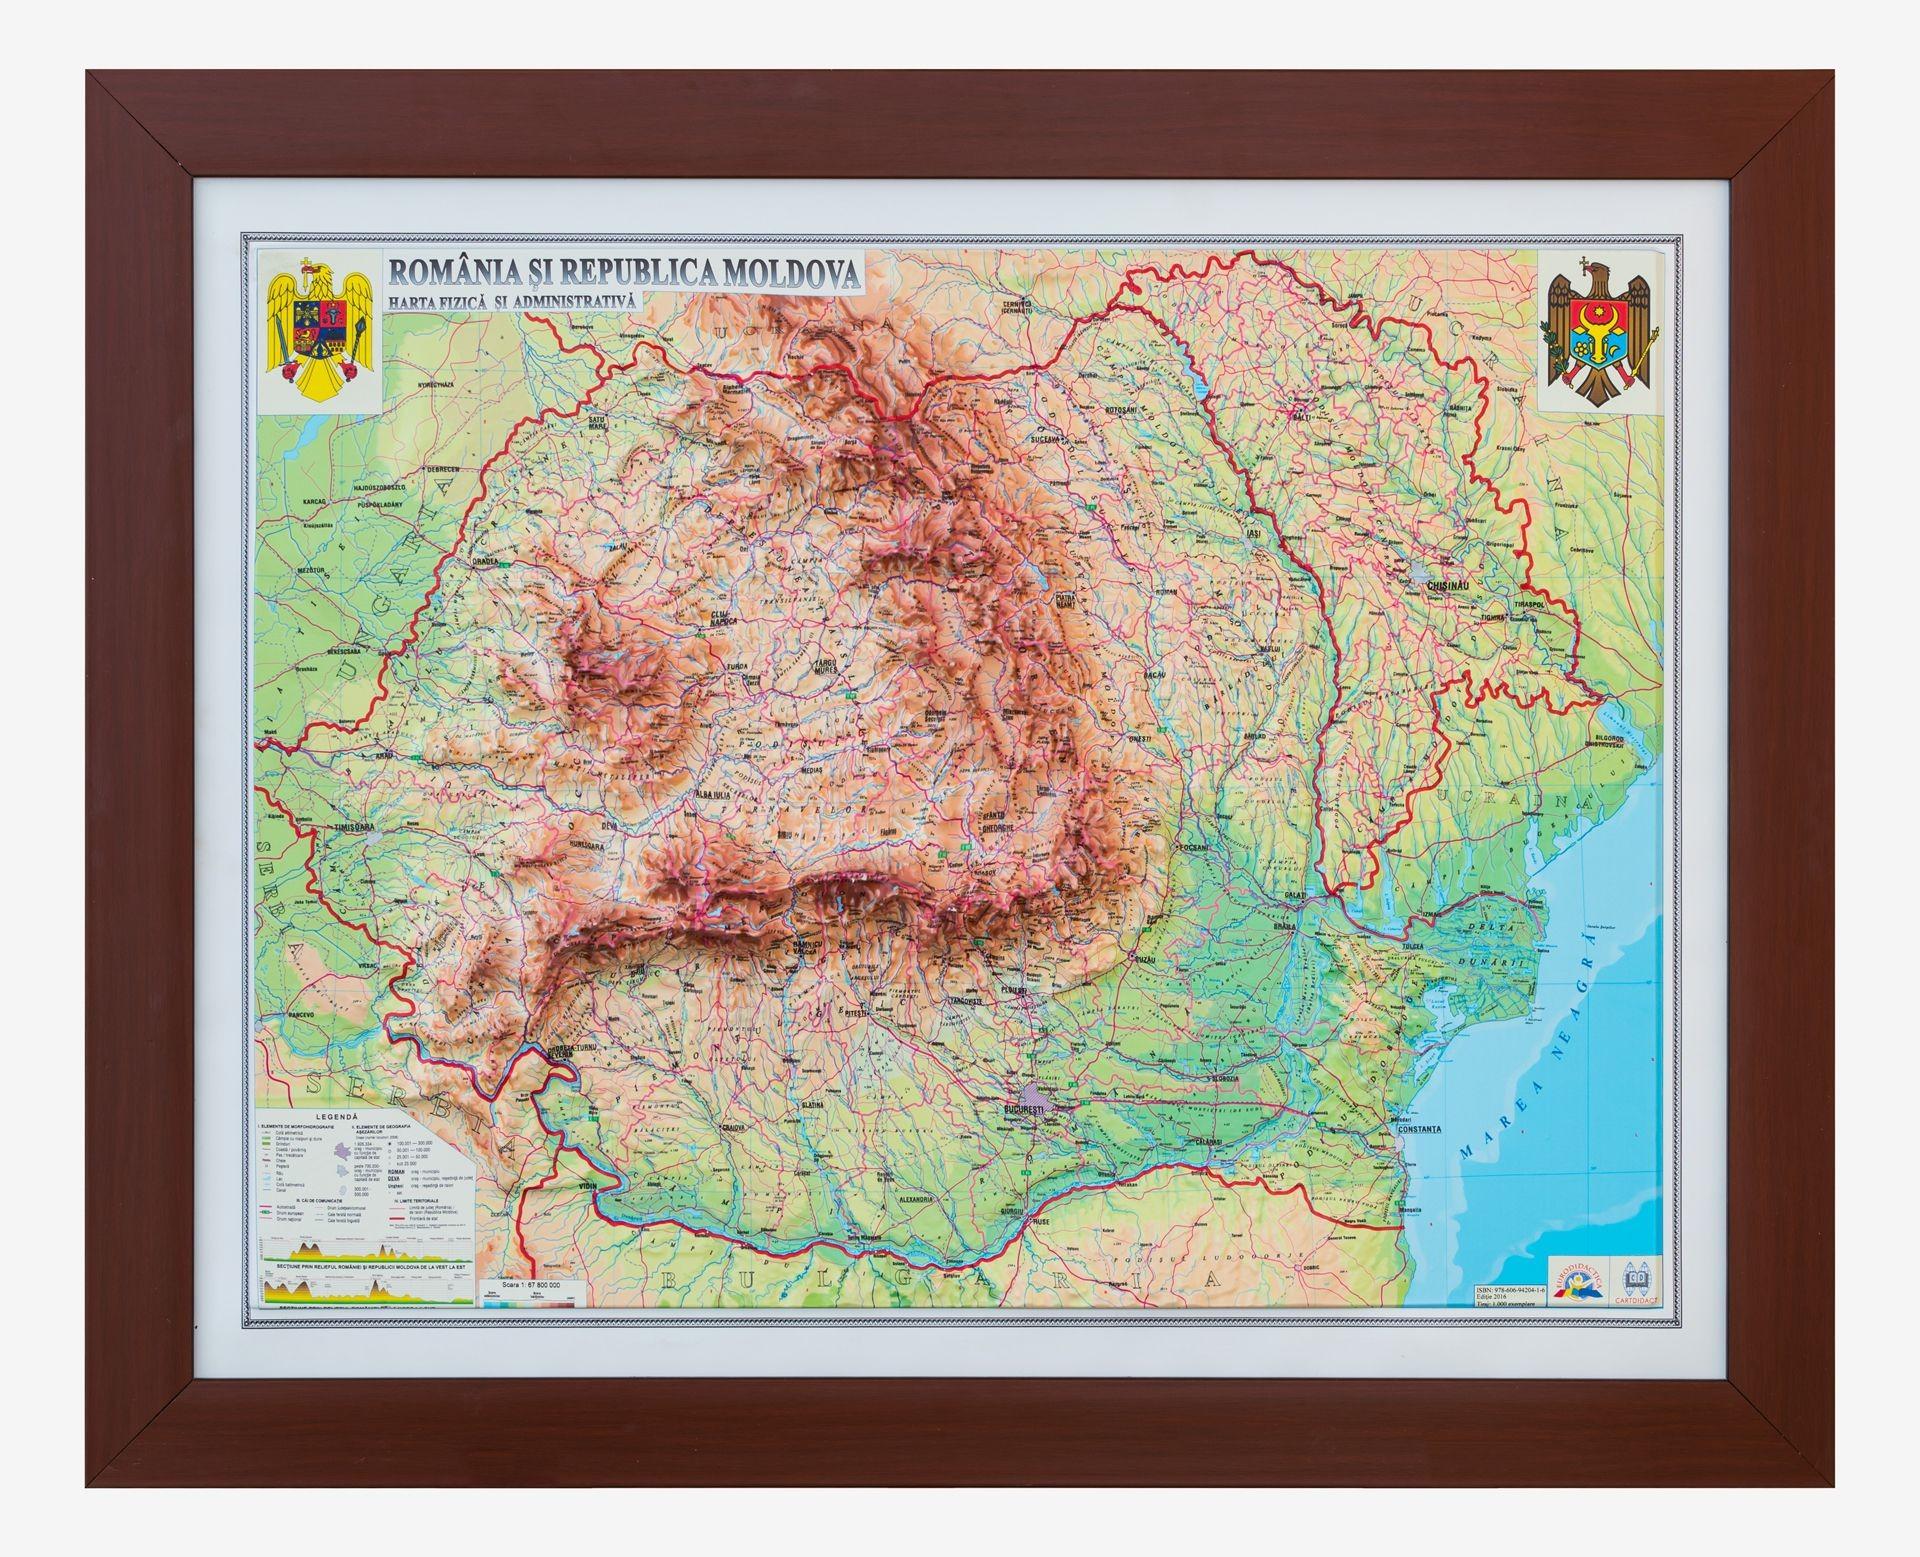 Romania Si Rep Moldova Harta Fizica Si Administrativa 3d 600x470